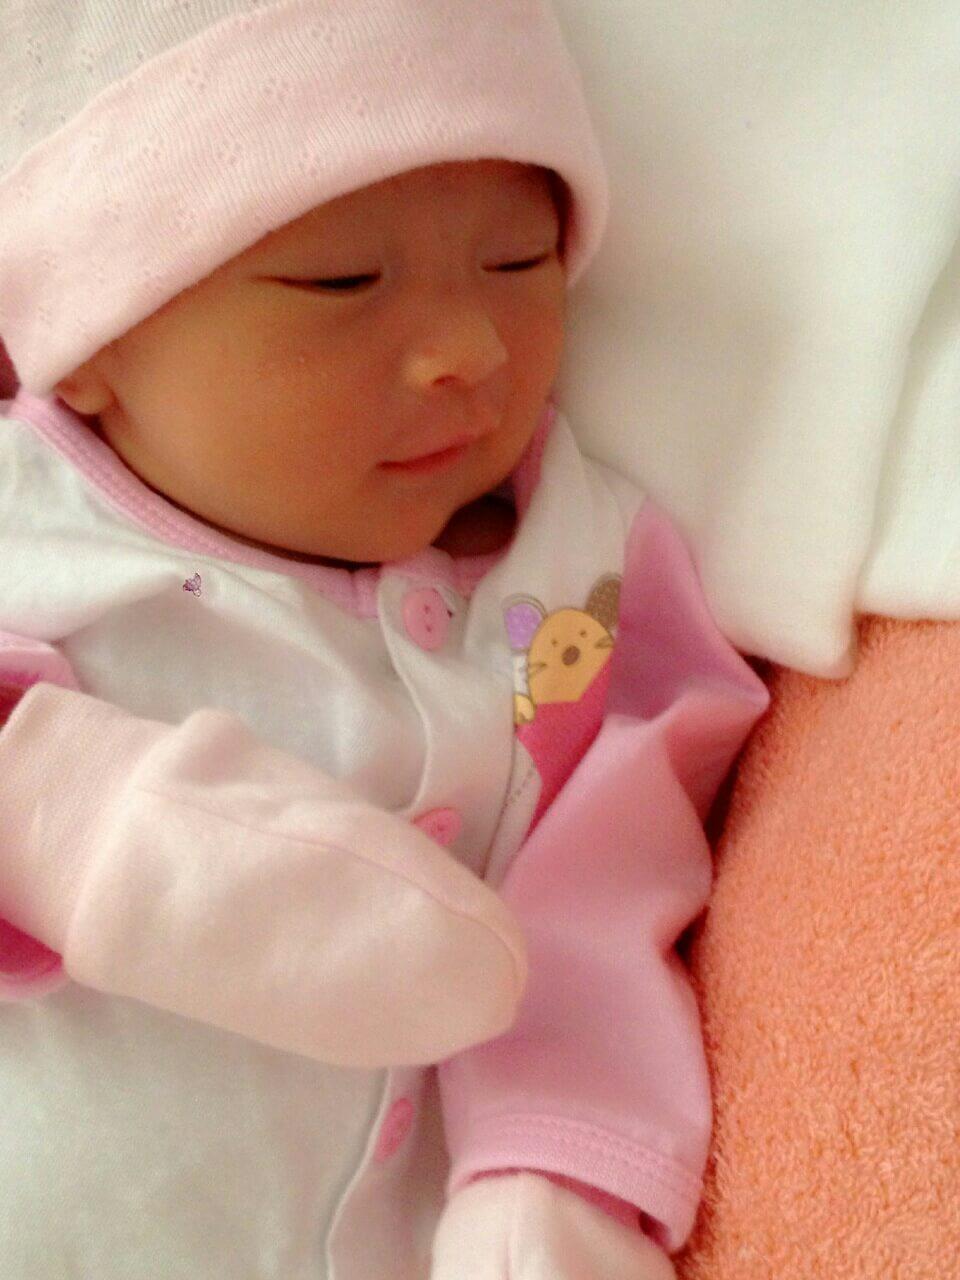 Chăm sóc trẻ những điều bạn cần biết về giấc ngủ của bé